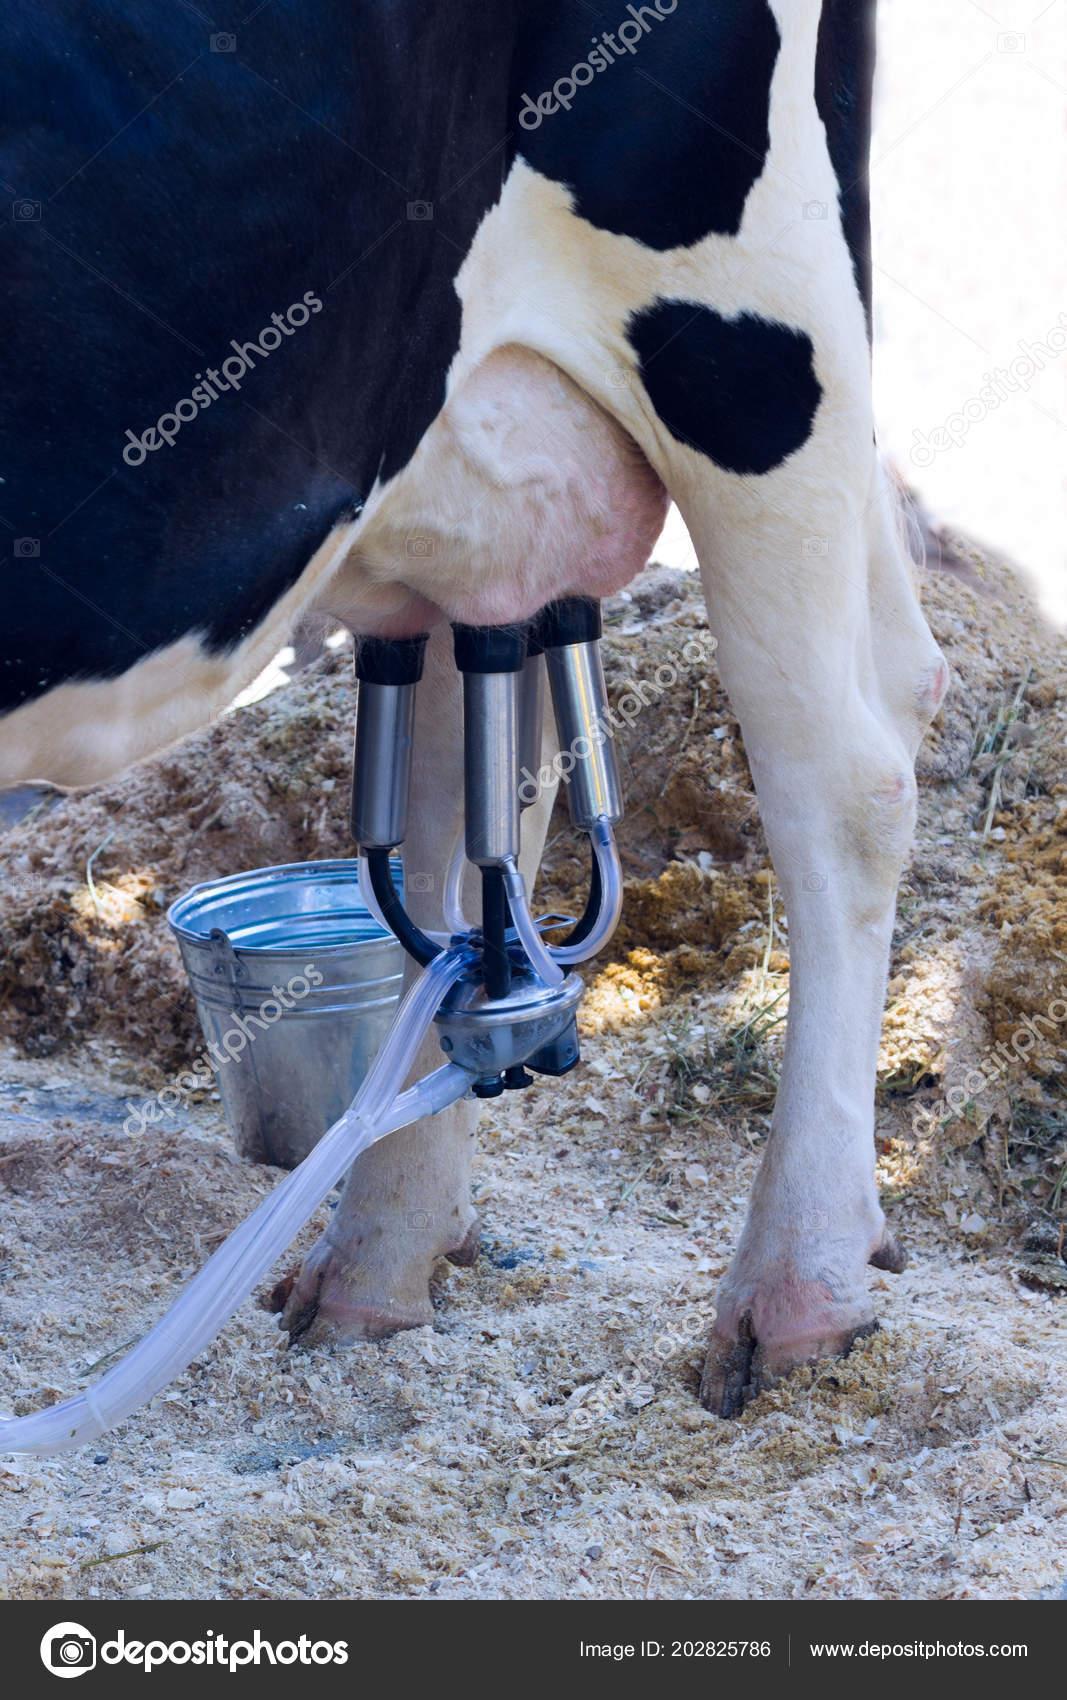 Как доить корову: особенности и описание способа доения руками и доильным аппаратом